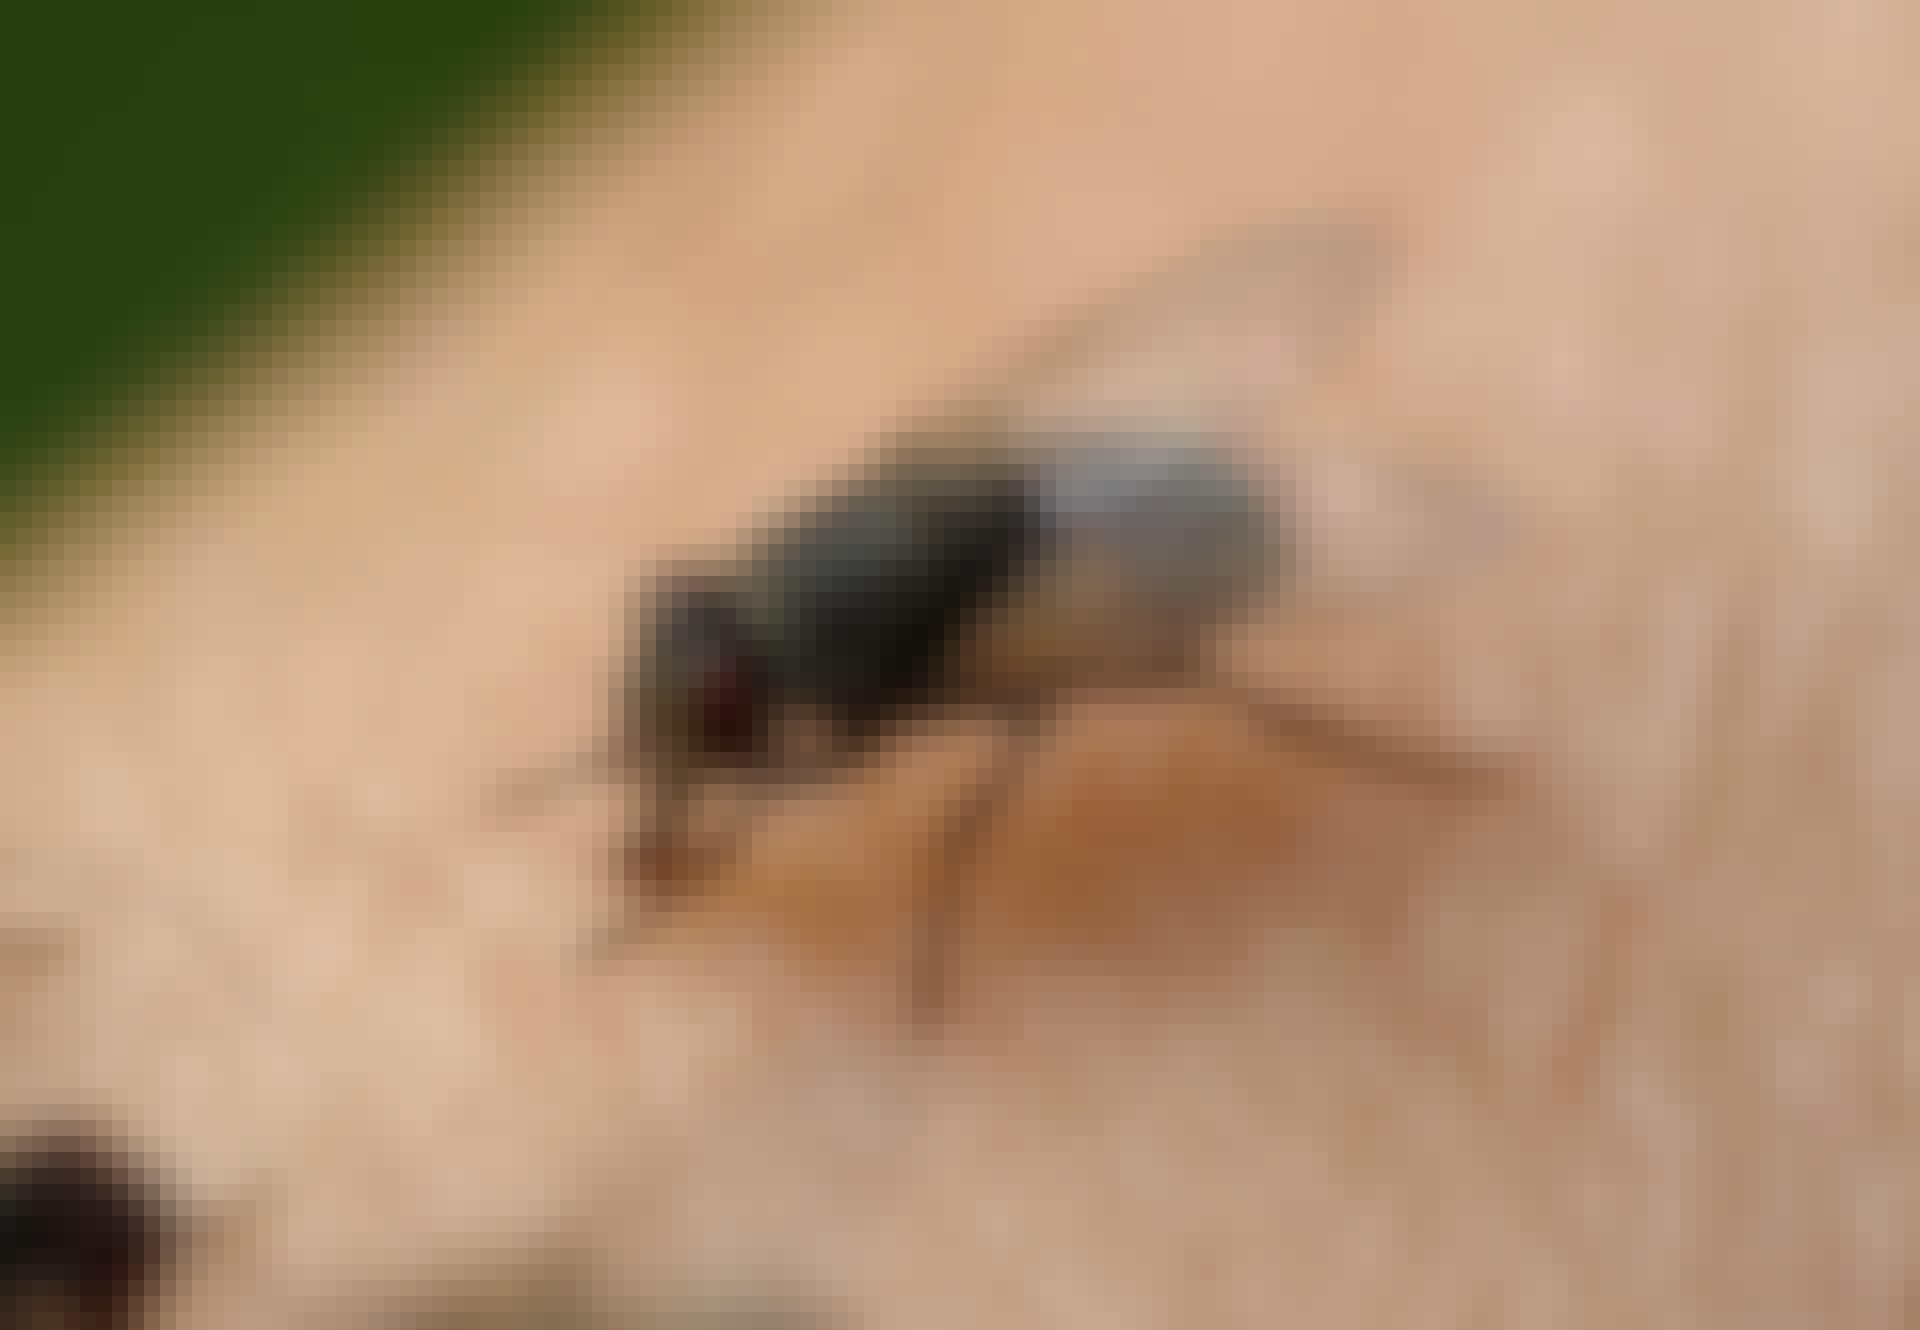 Flue sidder på menneske